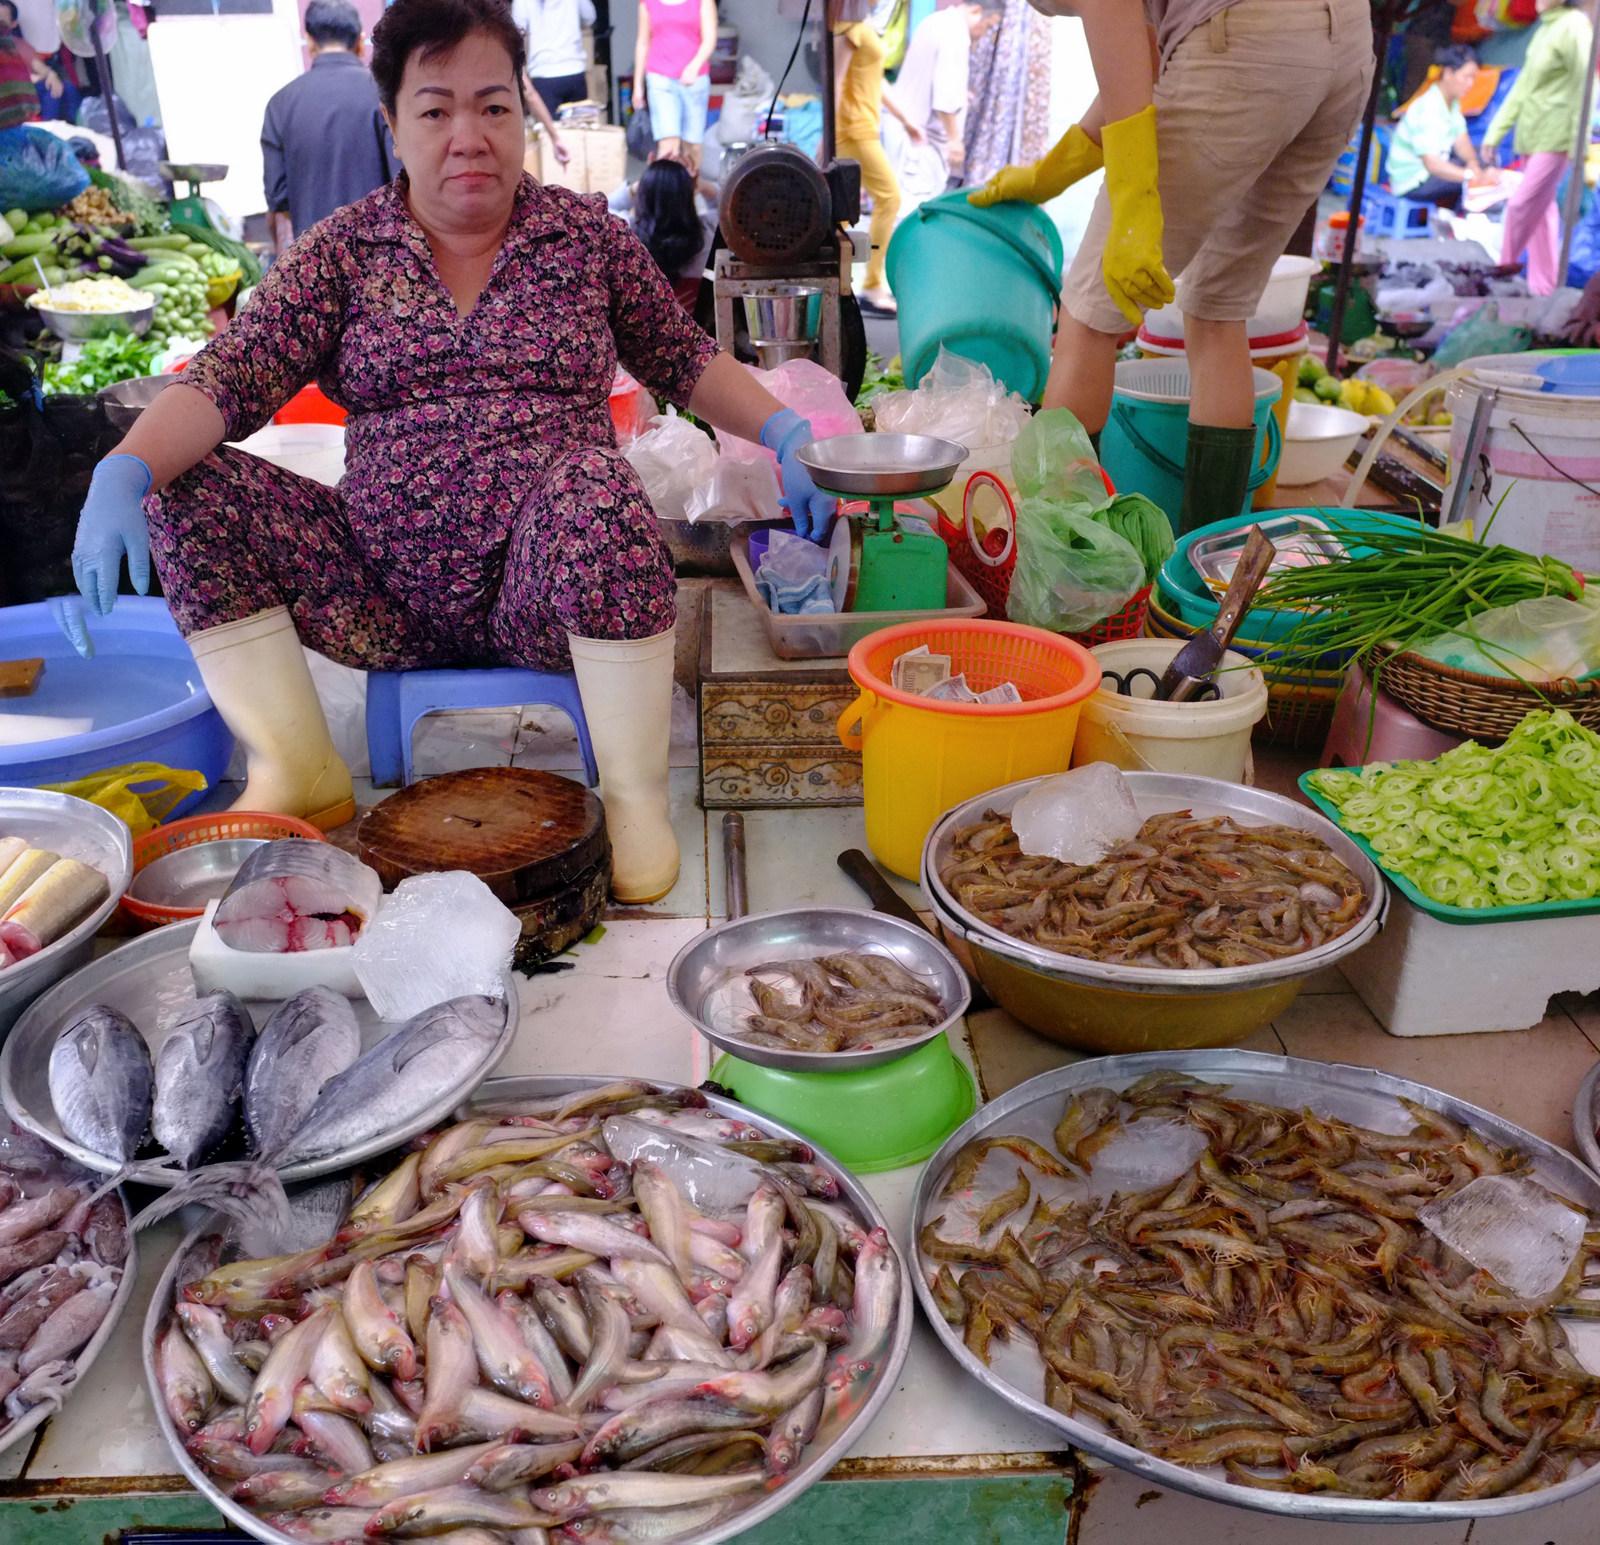 06-Fischverkäuferin